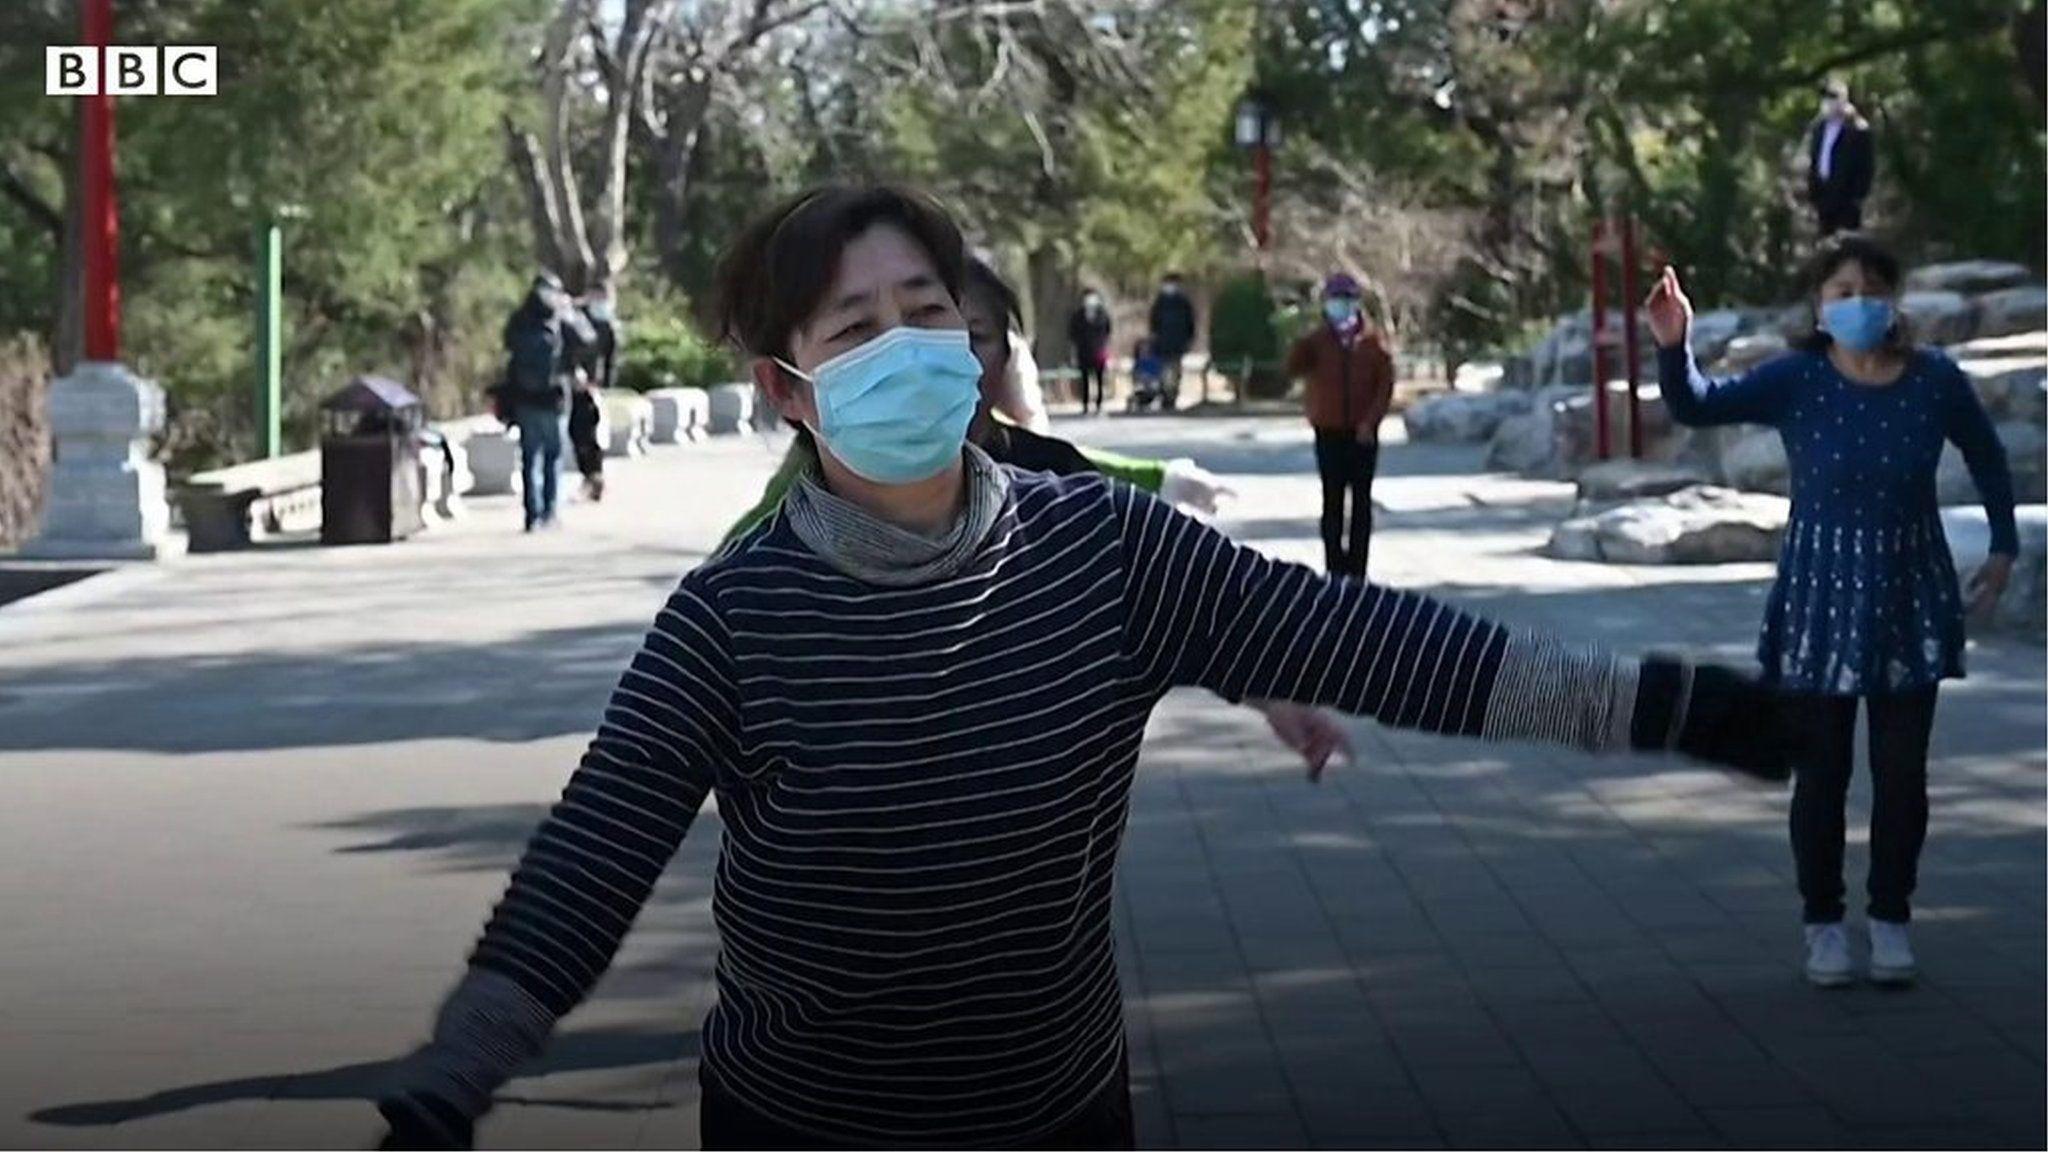 「空気が新鮮」 規制緩和で数カ月ぶりに外出、中国・北京の人々